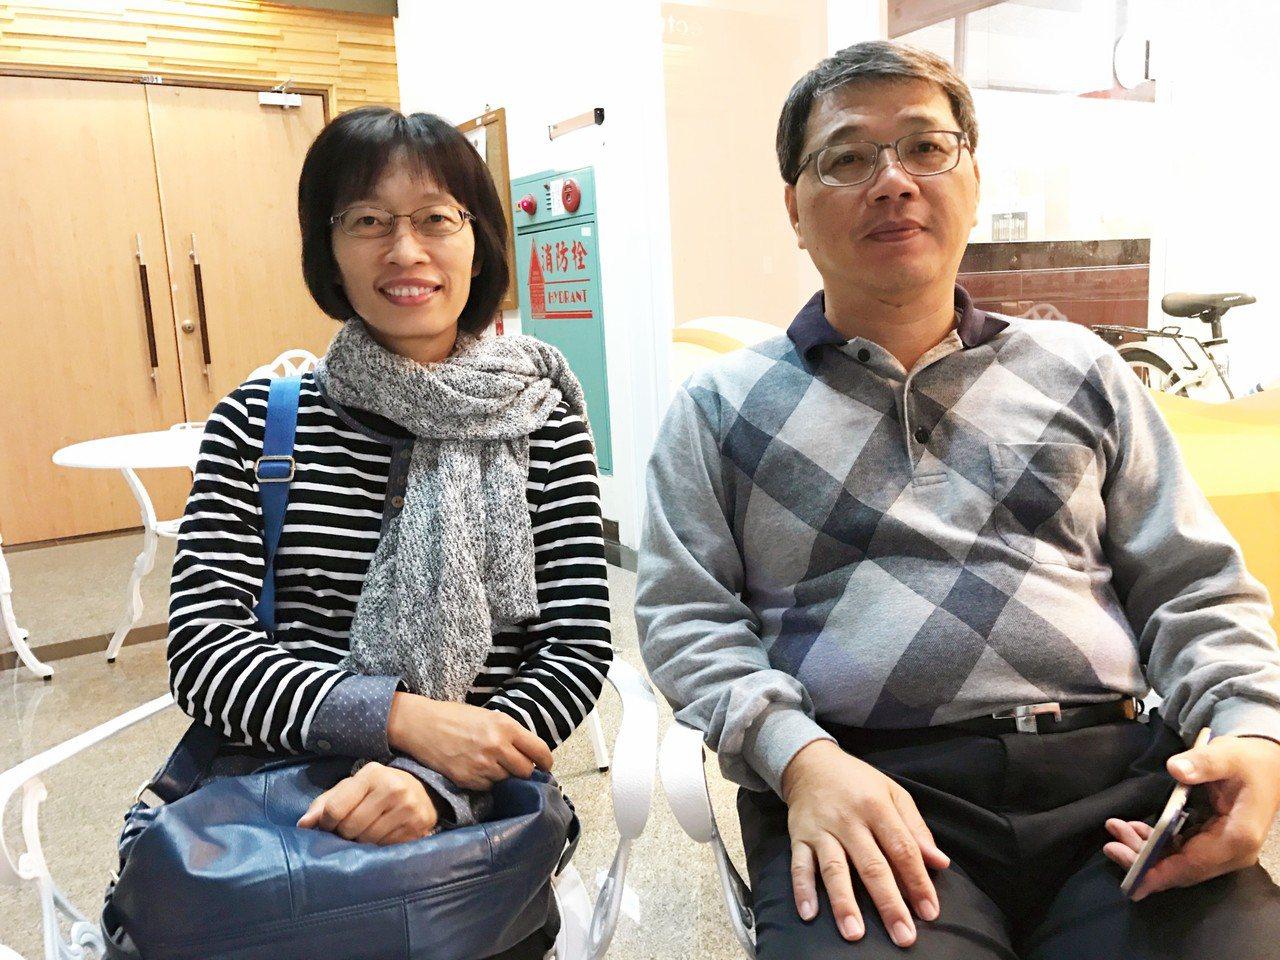 潘錱炯、黃依玟夫妻。記者周宗禎/攝影